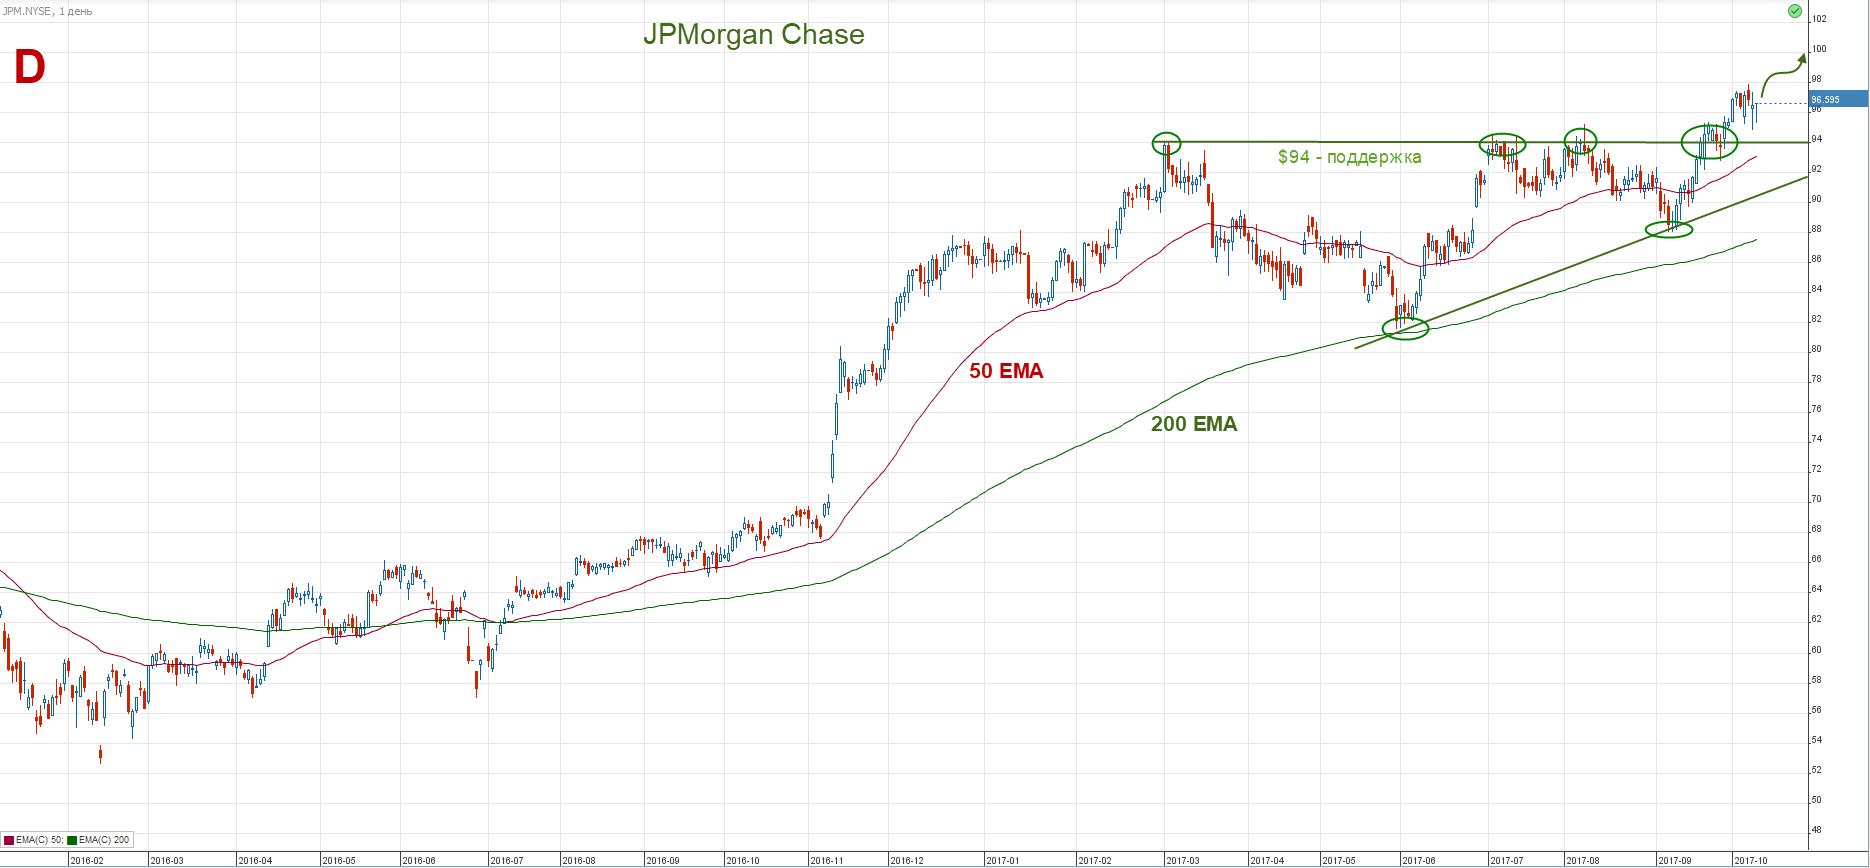 NYSE JPMorgan акции